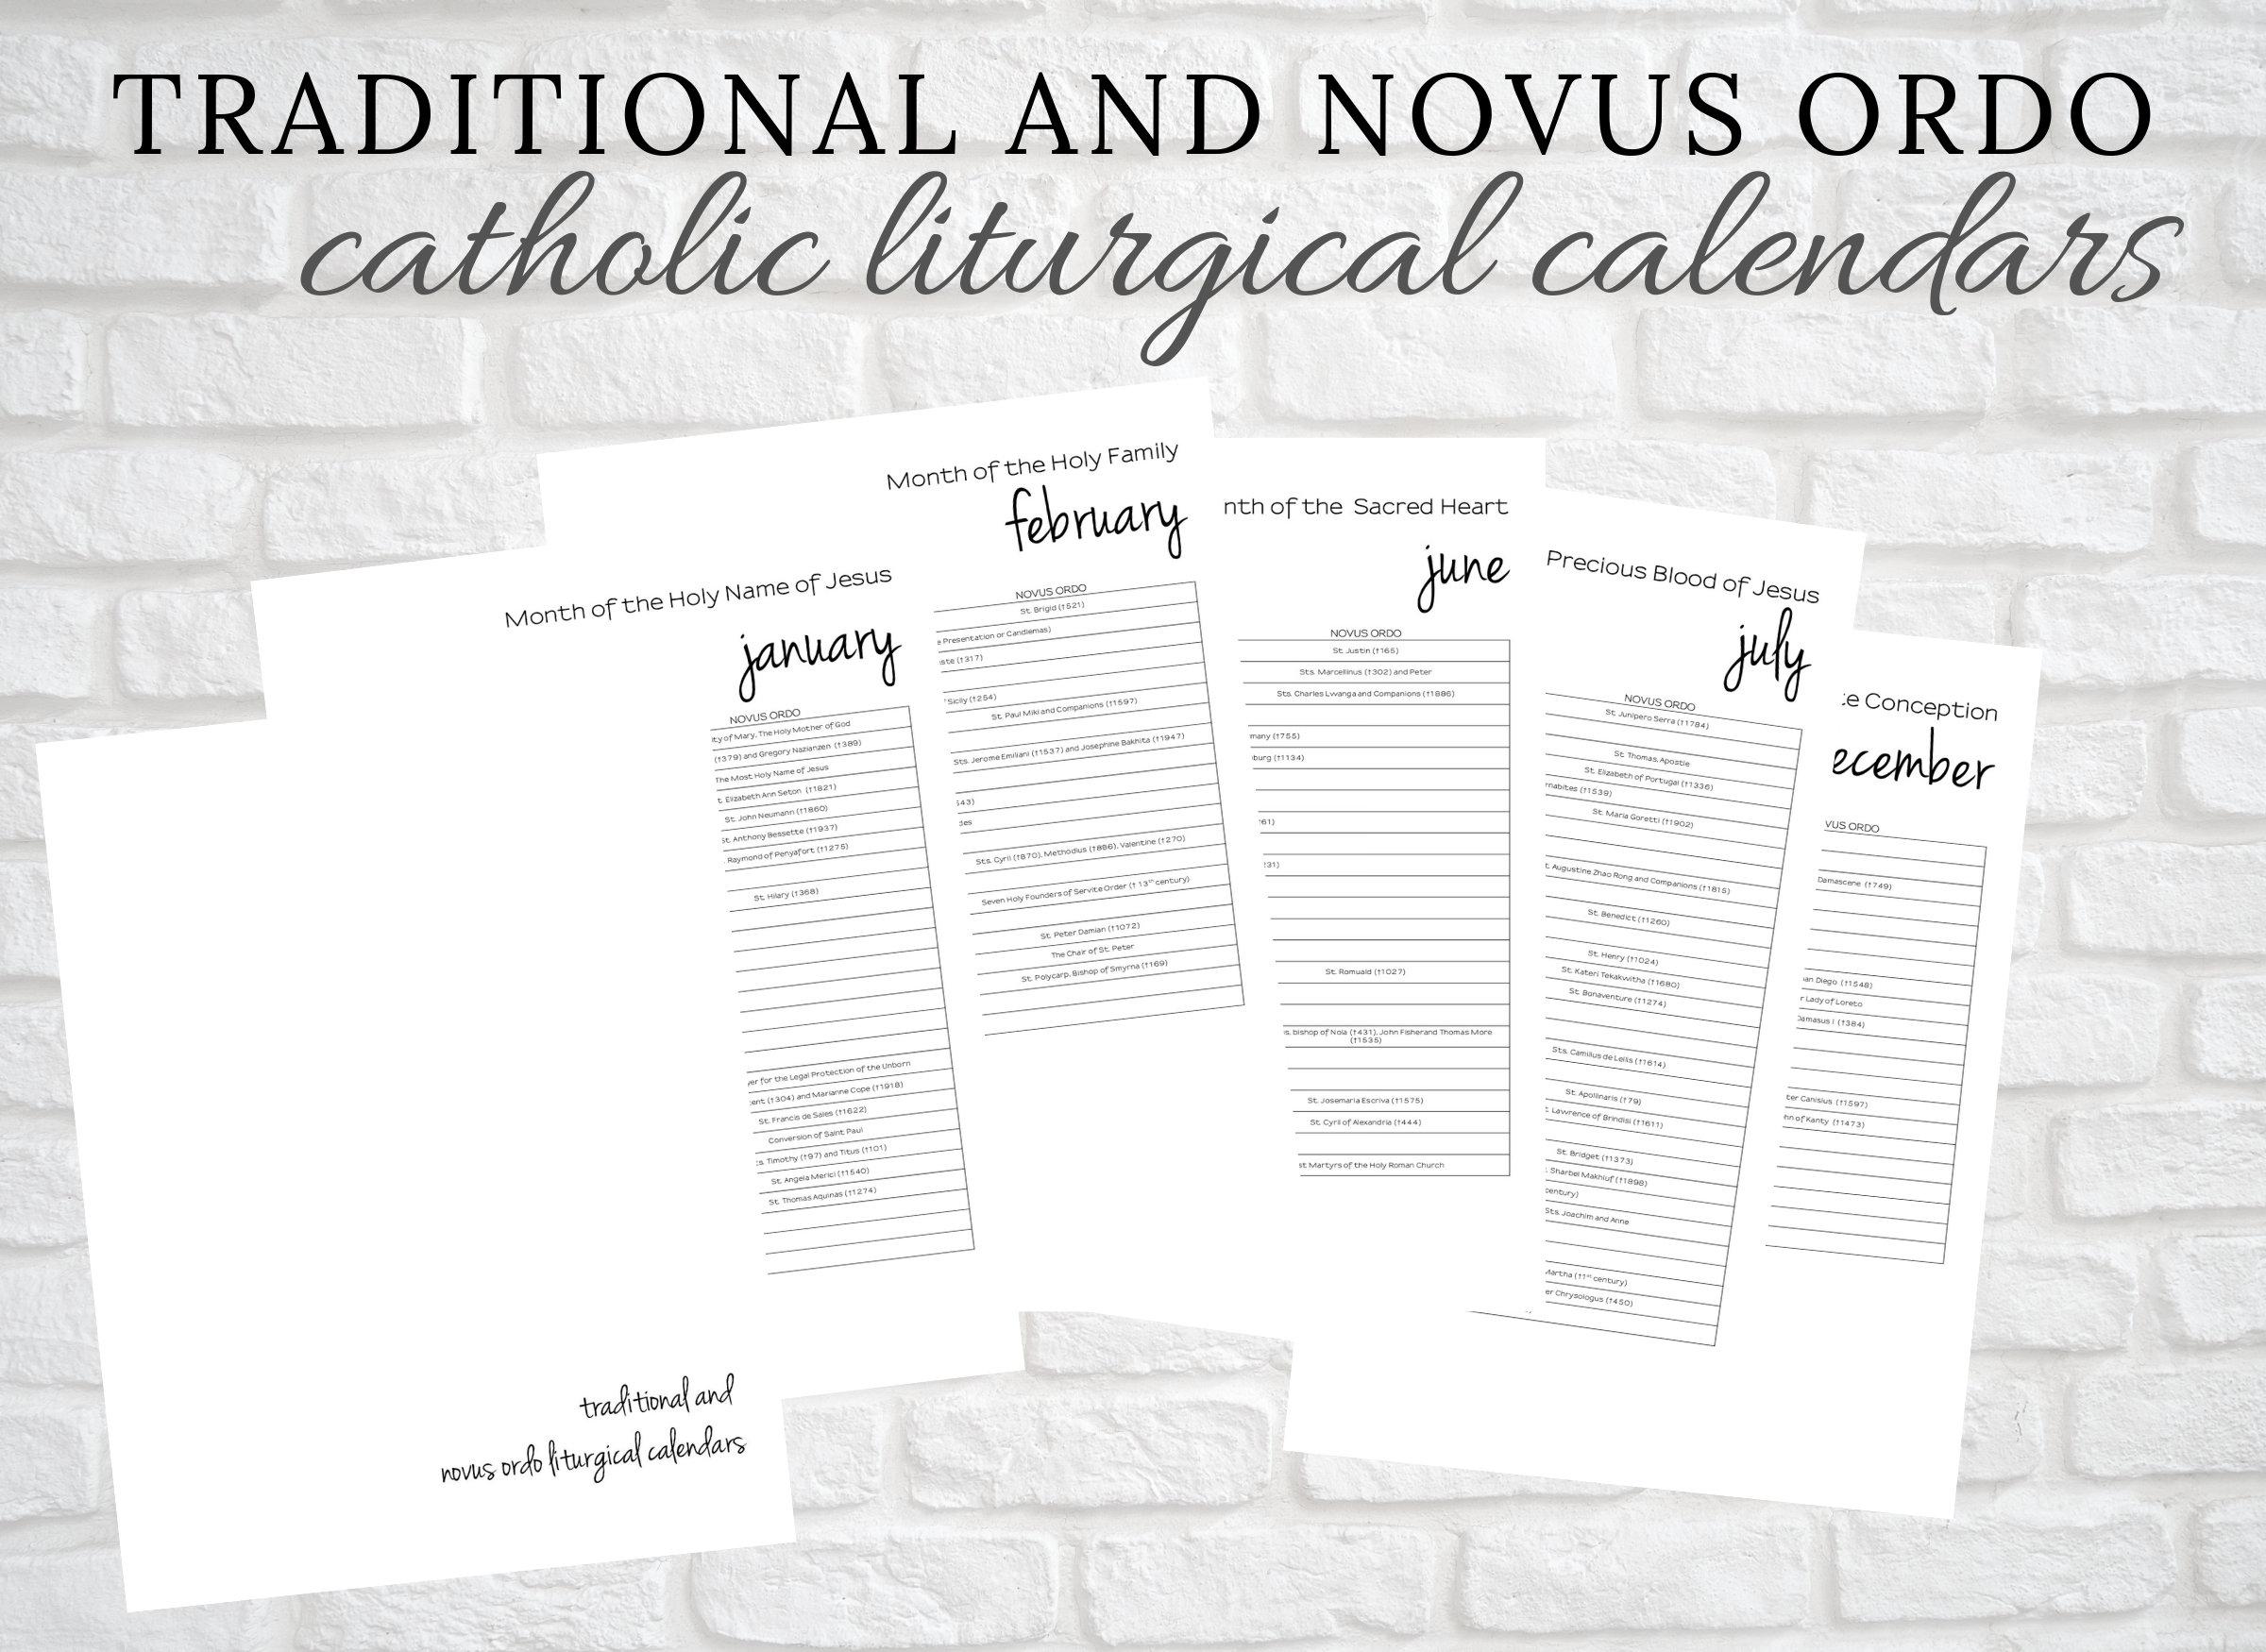 Traditional Latin Catholic And Novus Ordo Printable Calendar: Catholic  Liturgical Year  Catholic Homebinder Printable  Latin Mass pertaining to Catholic Extension Calendar